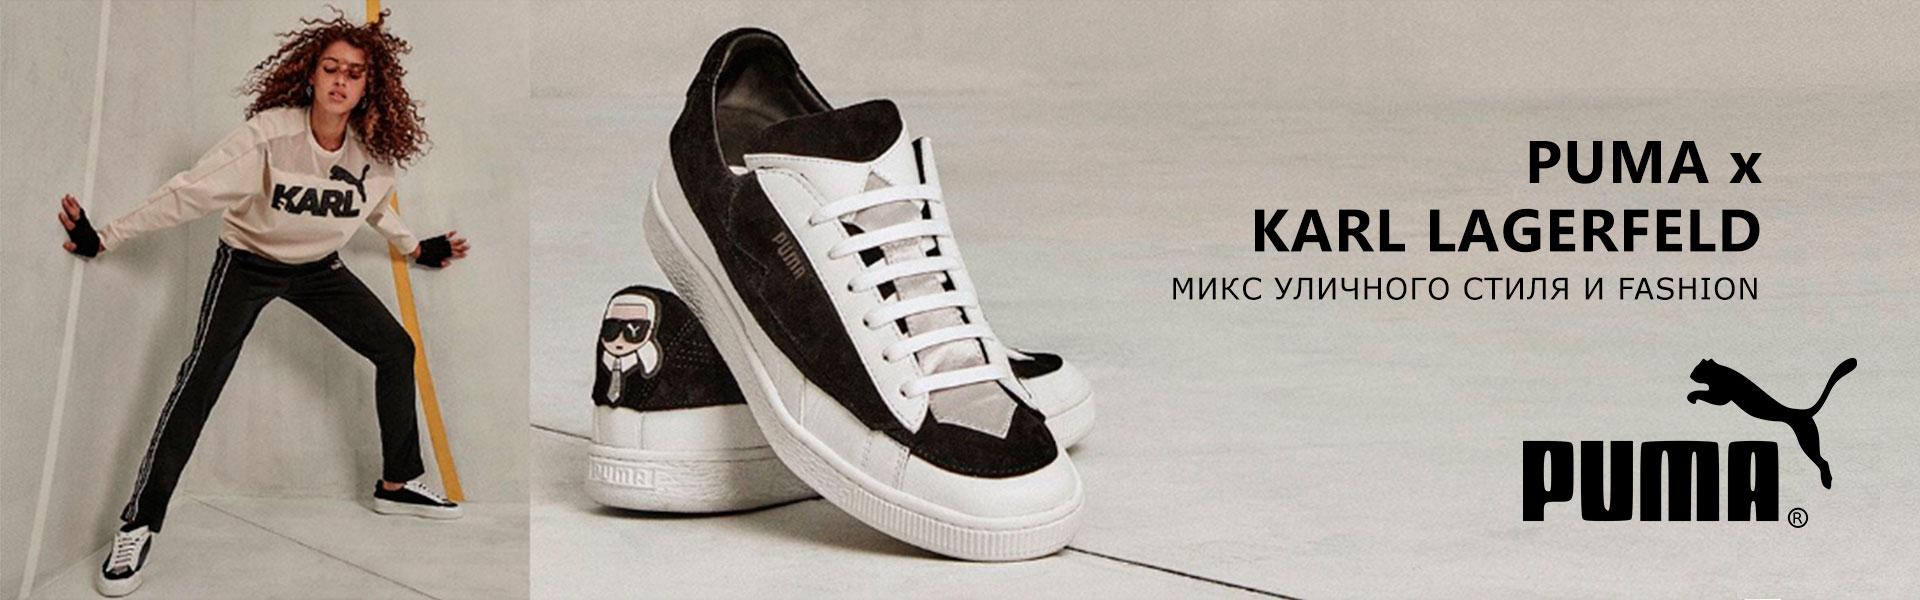 Спортивная обувь Puma история и технологии бренда